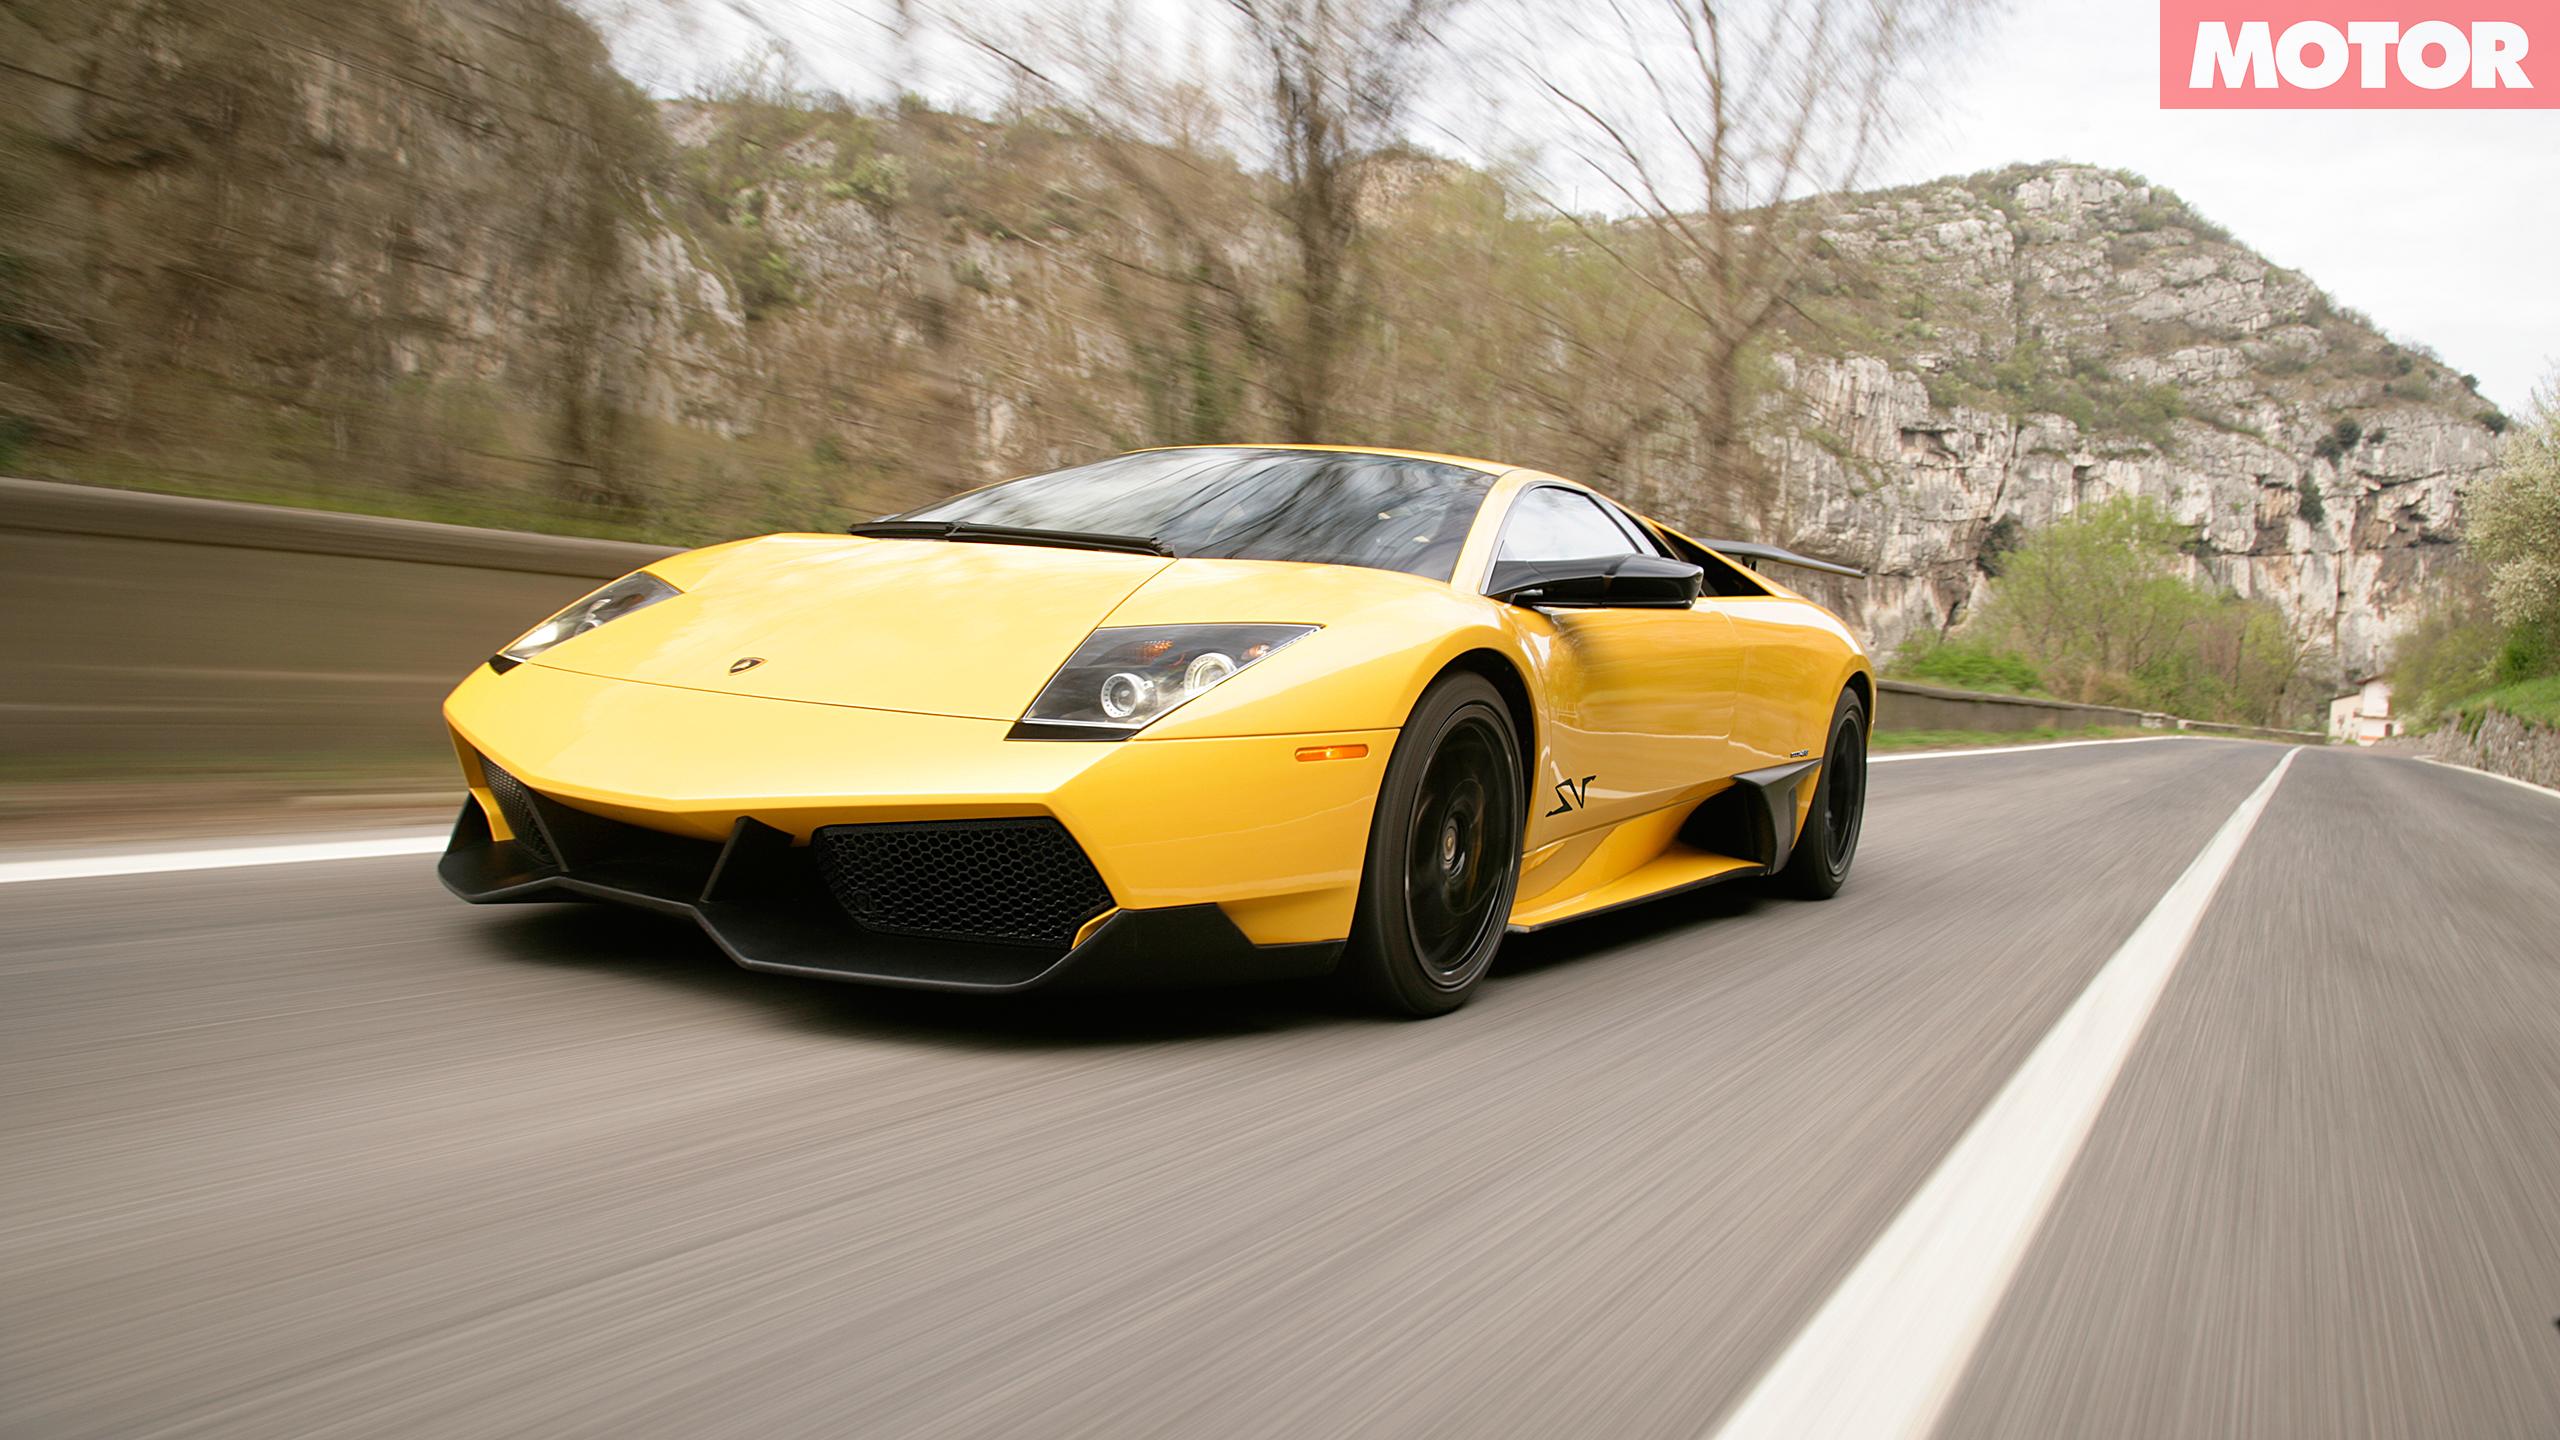 Lamborghini's Murcielago LP670-4 SV